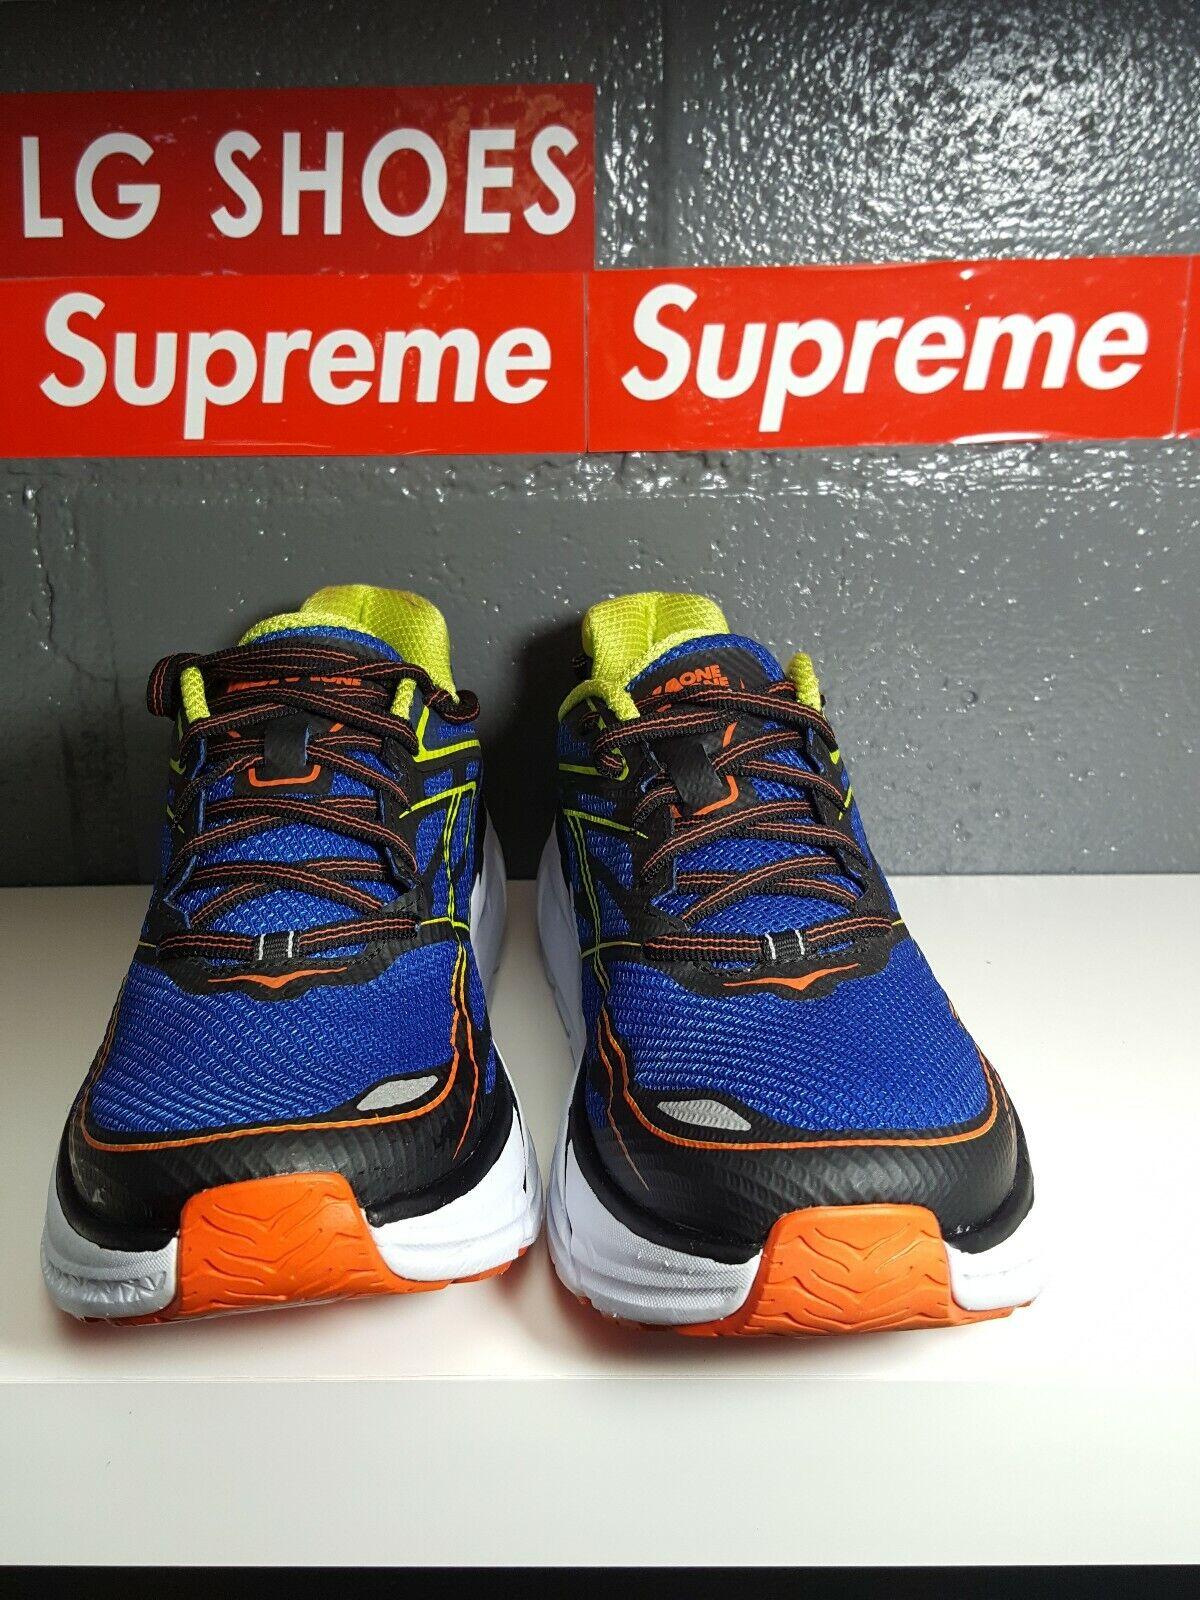 Hoka shoes shoes shoes Mens multi colors size8.5 496d6c